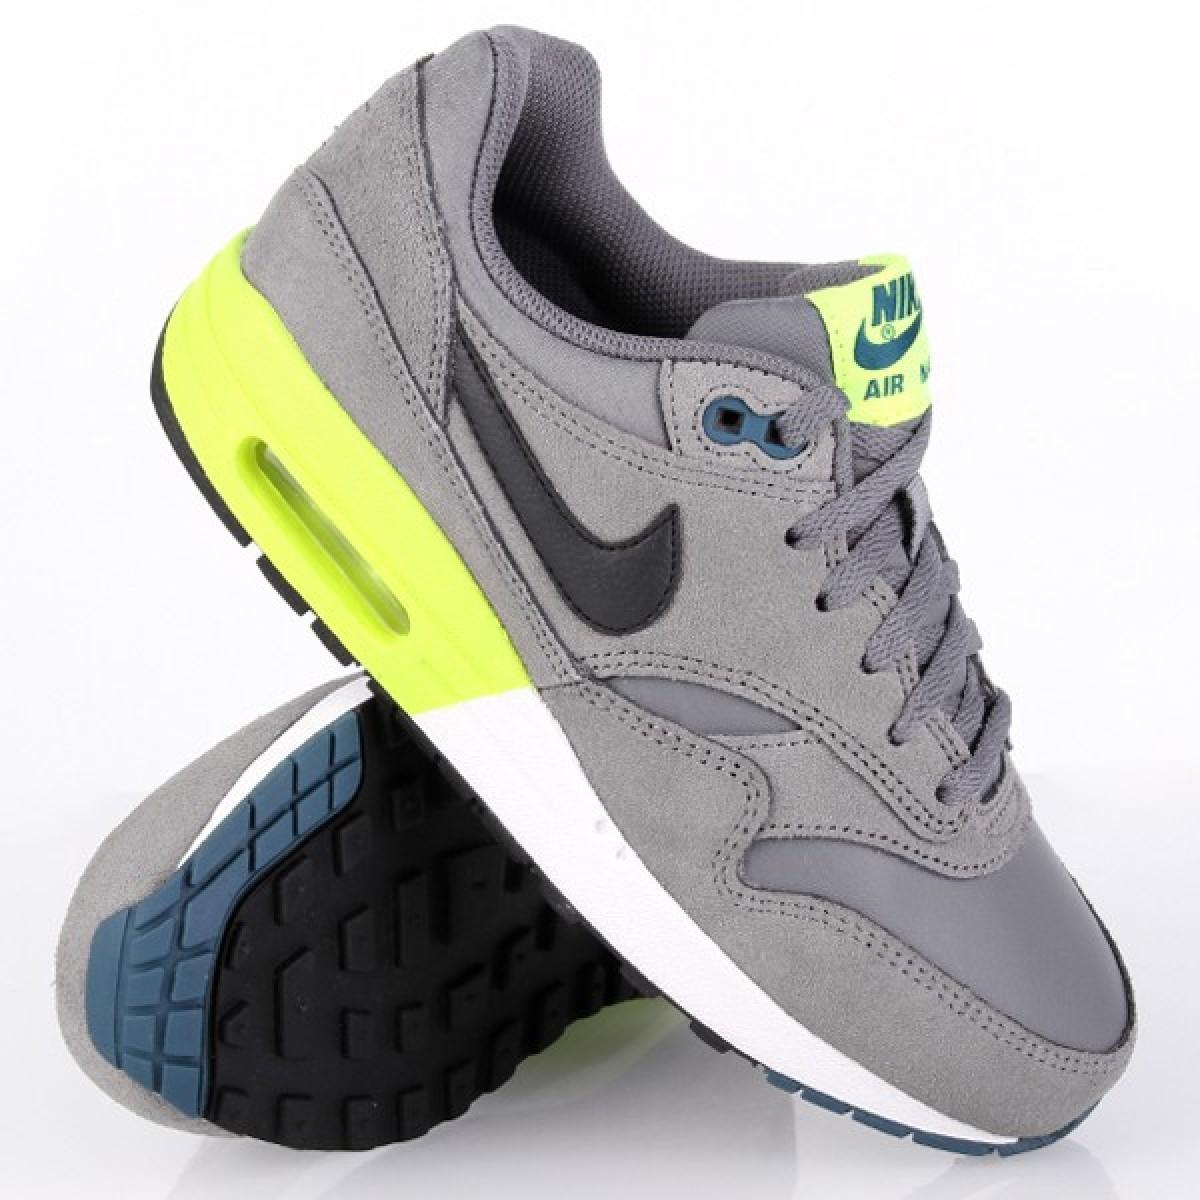 the best attitude a66b4 80132 Achat   Vente produits Nike Air Max 1 Homme Grise,Nike Air Max 1 Homme